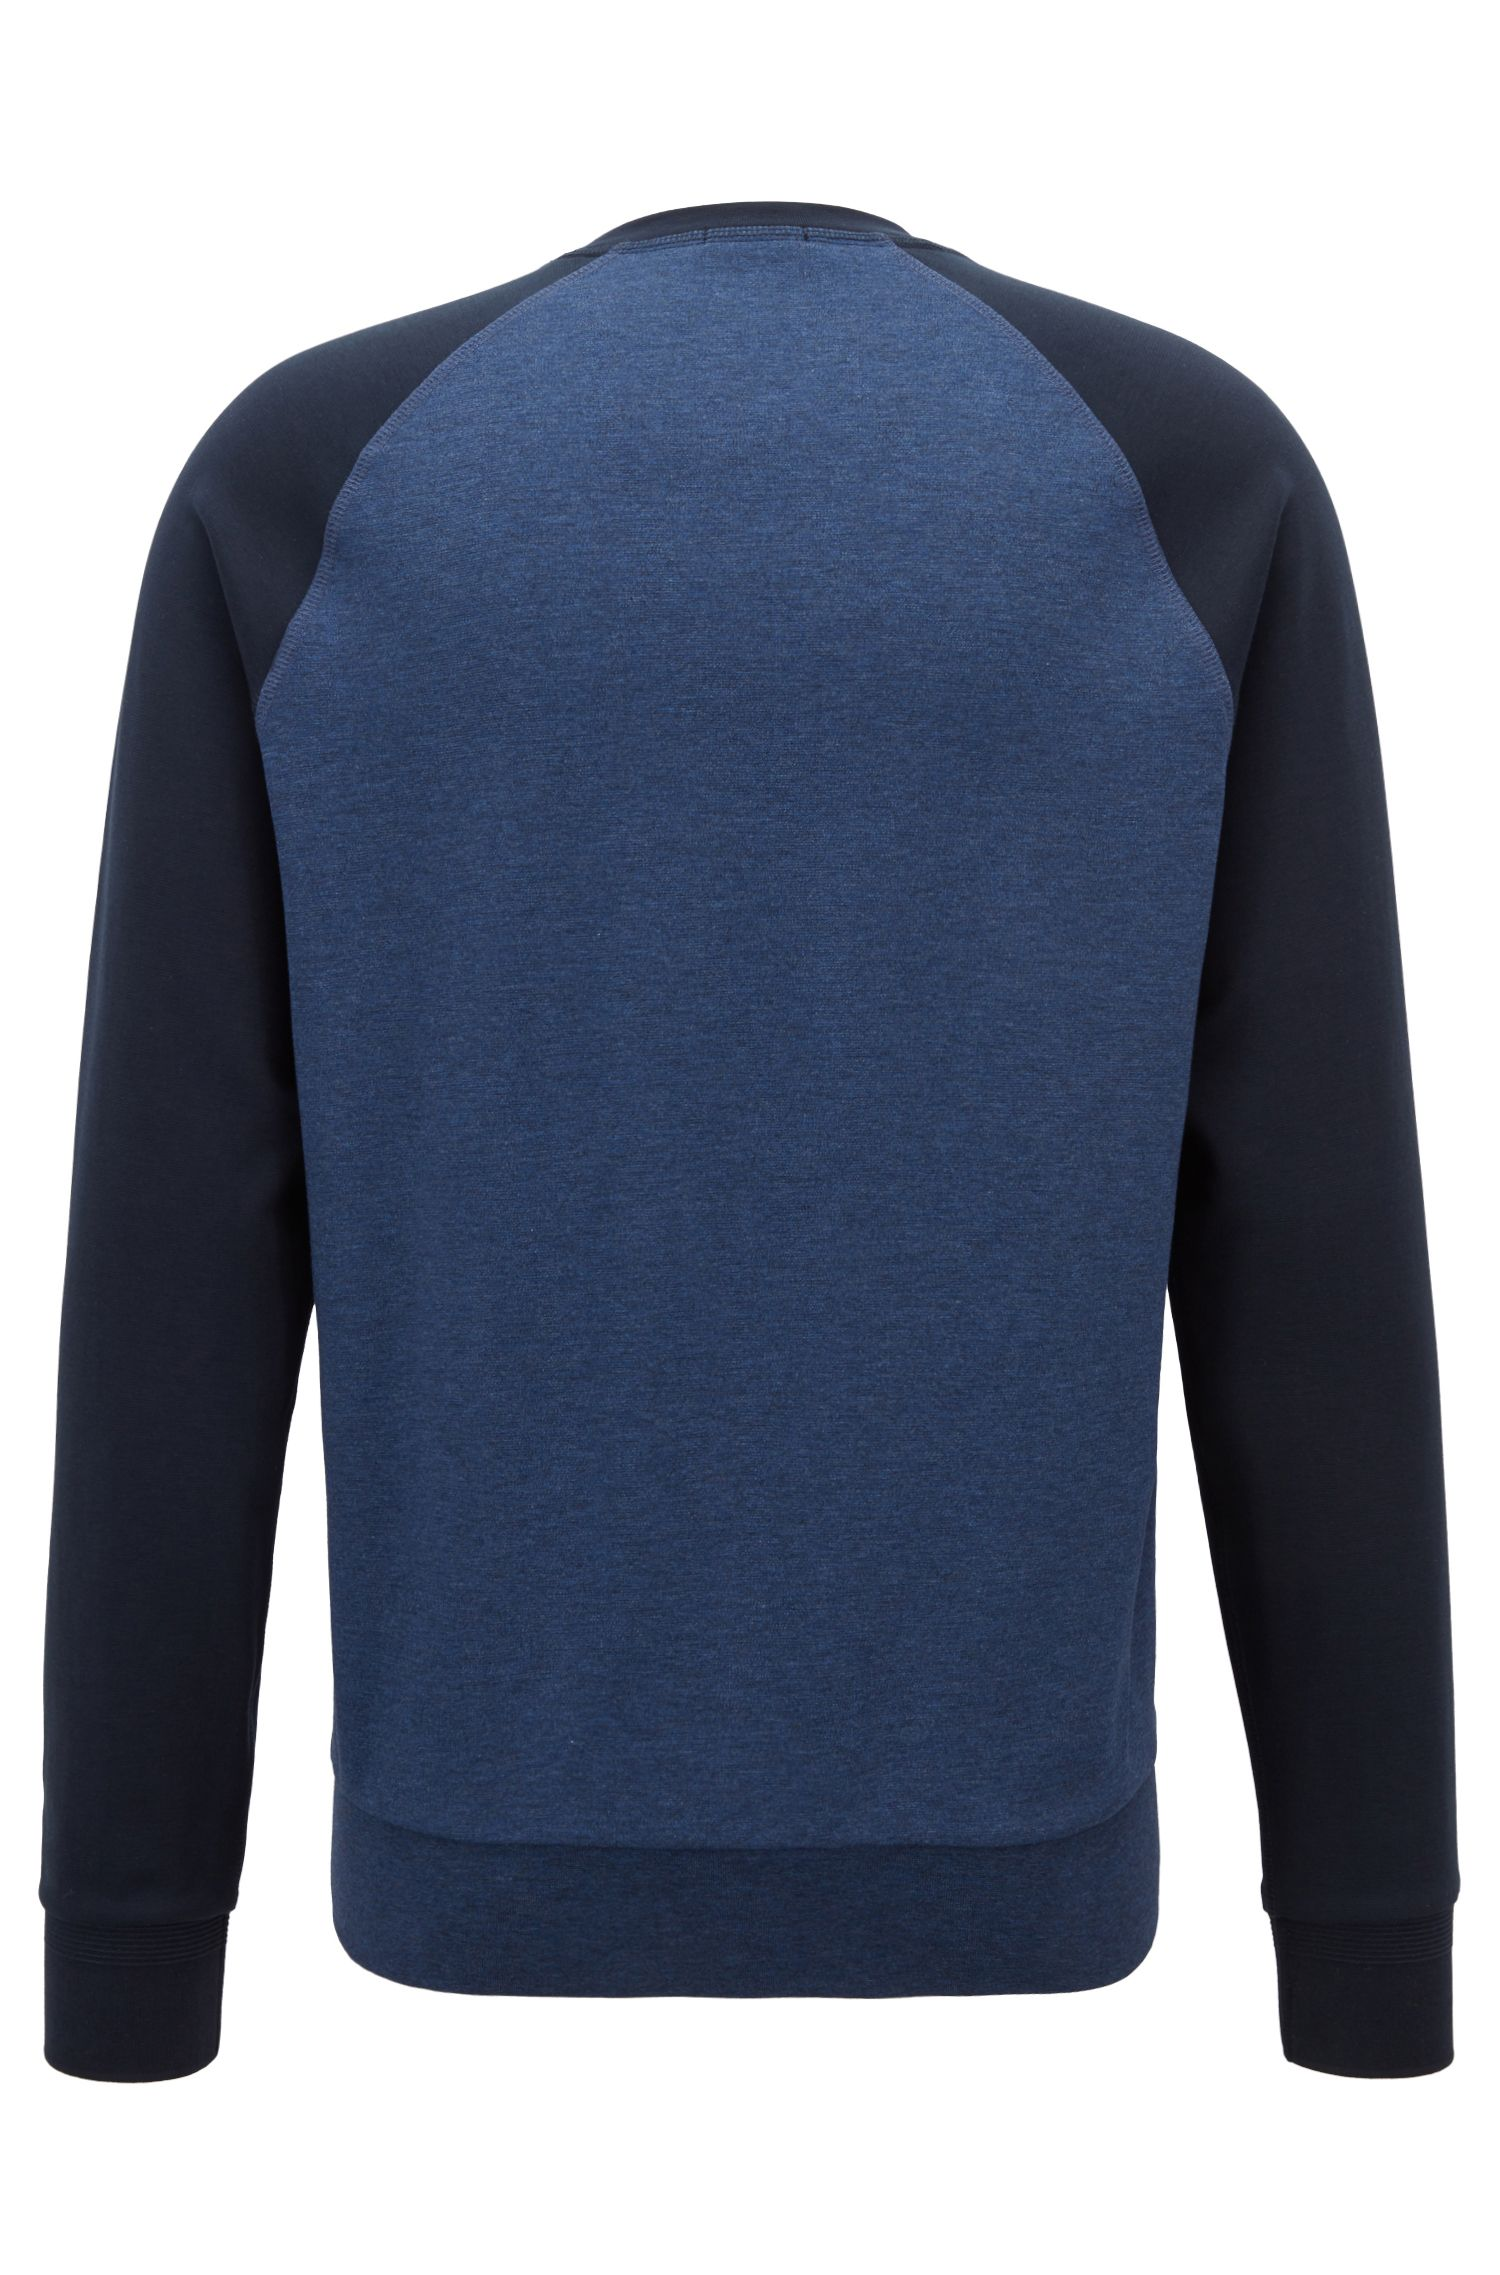 Maglione slim fit in cotone strutturato con dettagli a blocchi di colore